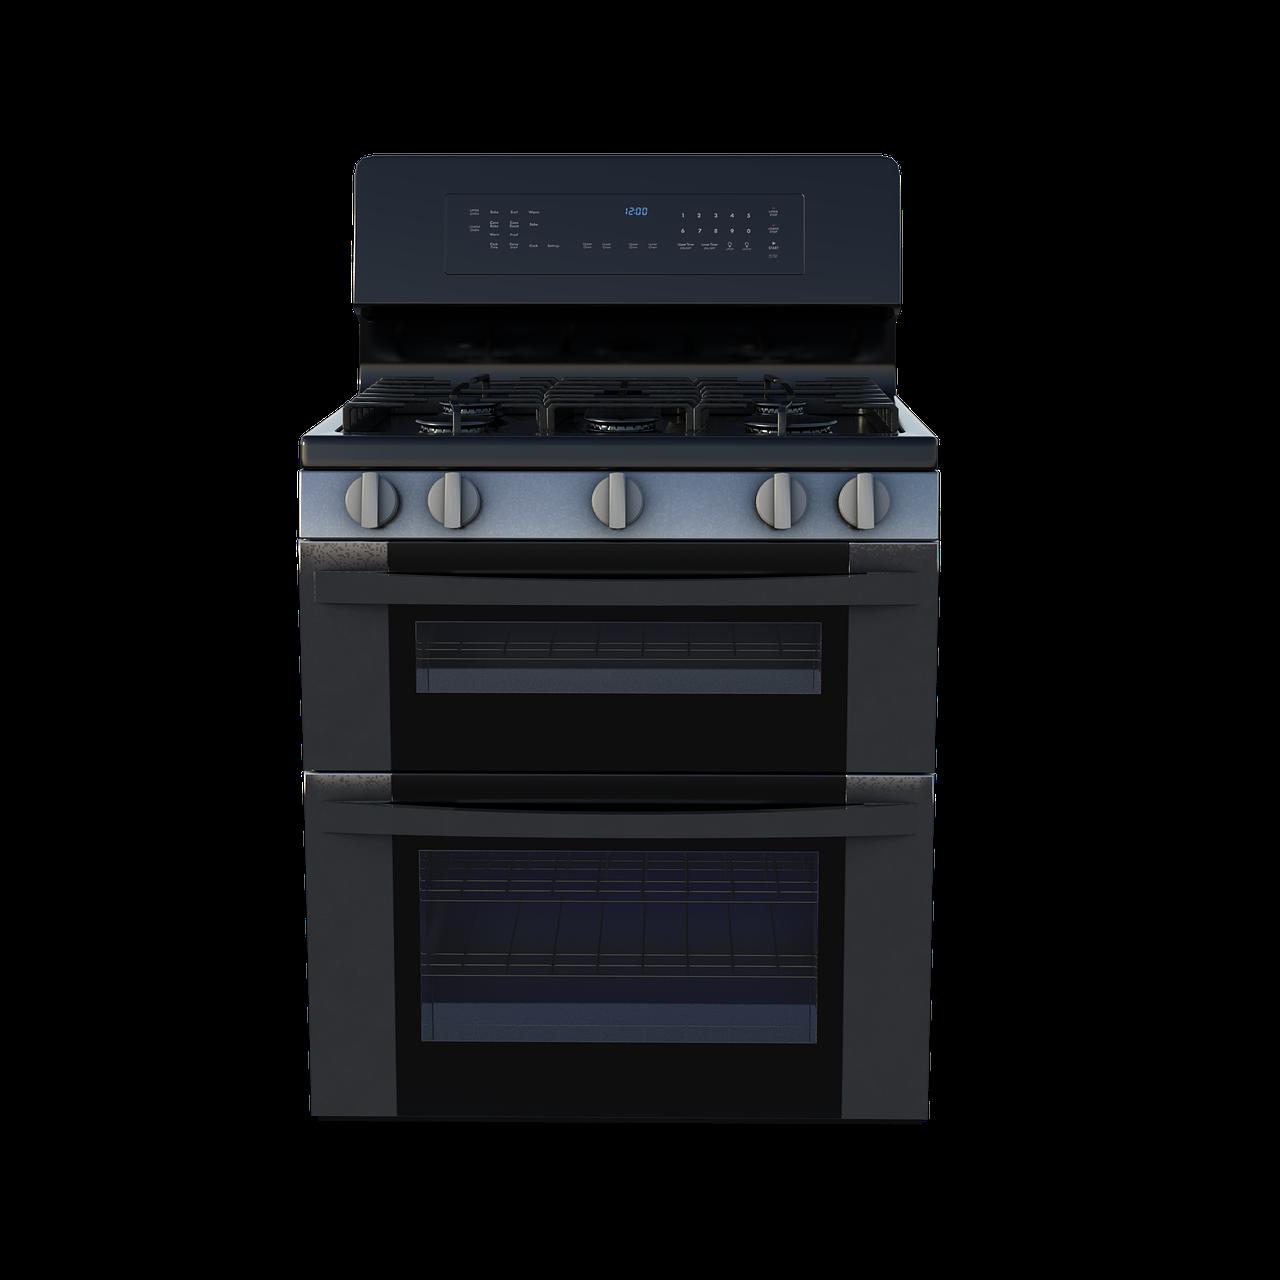 ¿Qué tomar en cuenta al comprar un horno? Por Todohornos.top